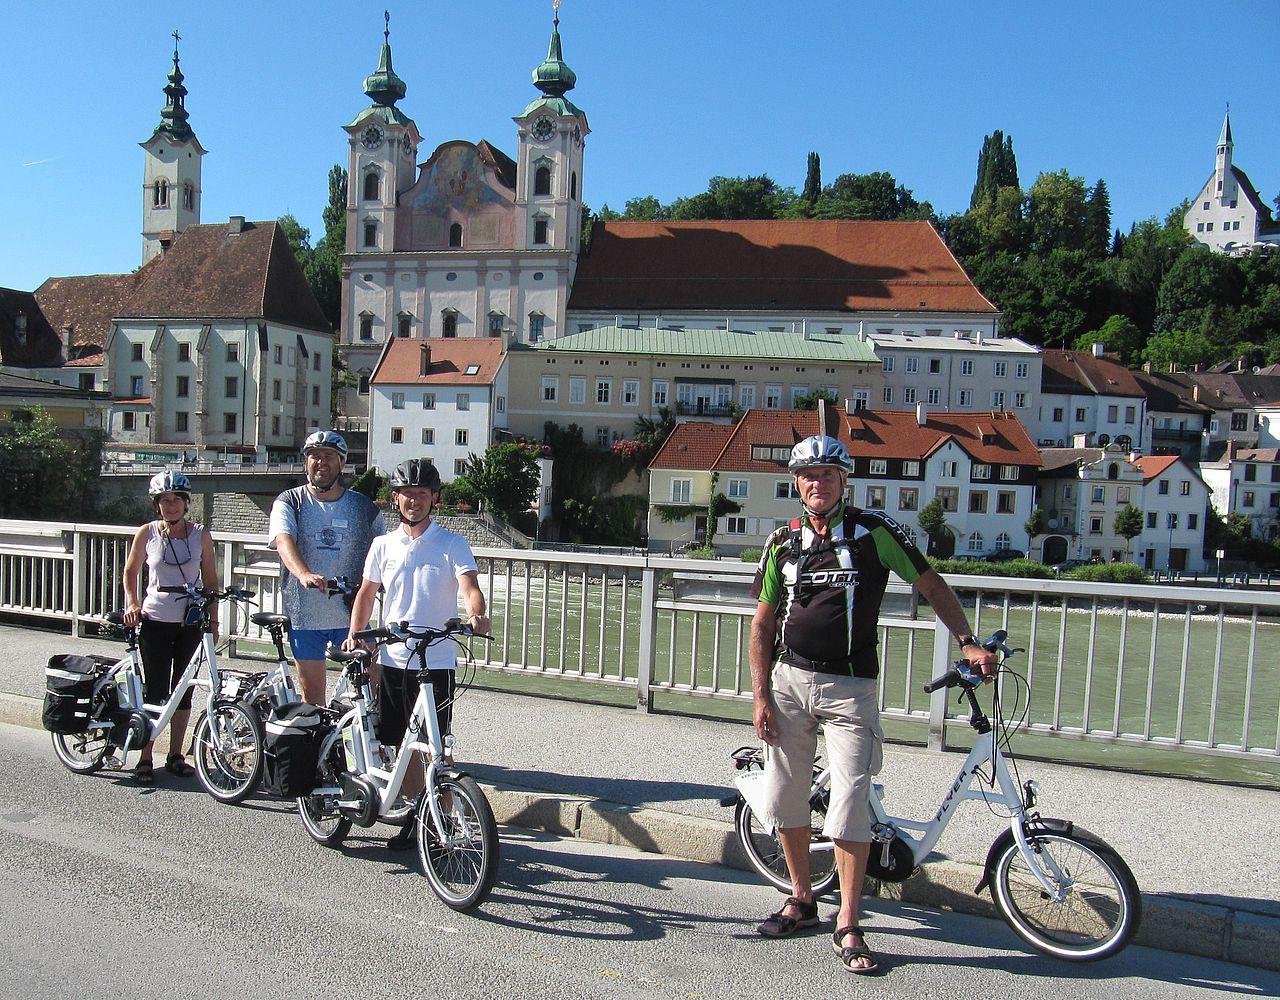 В Австрии хорошо развита система велосипедного проката